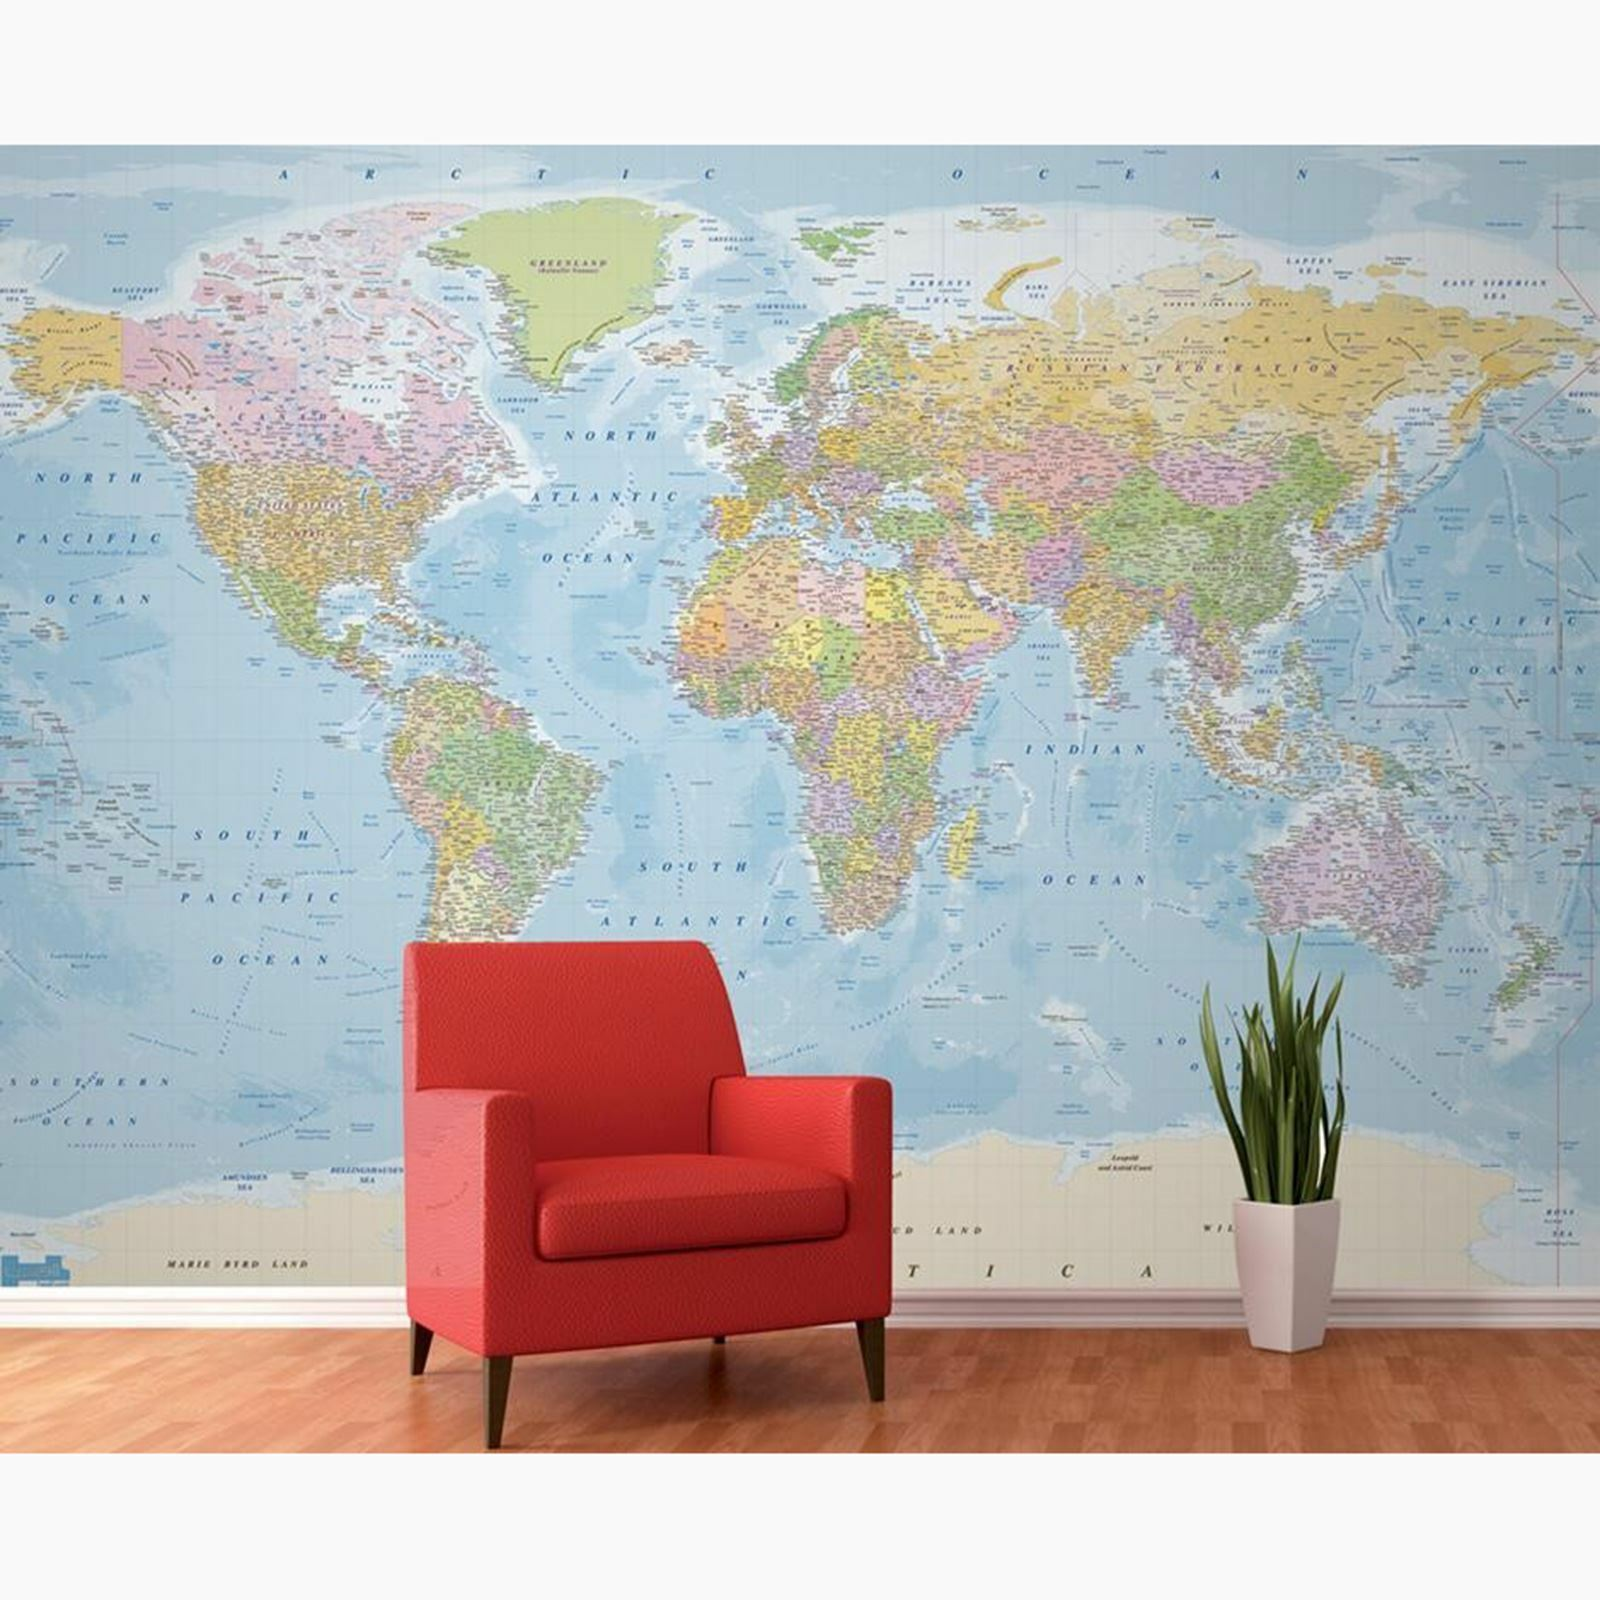 Weltkarte Wandbild 315cm X 232cm Hochwertig Fantastische Eigenschaft in Jeder